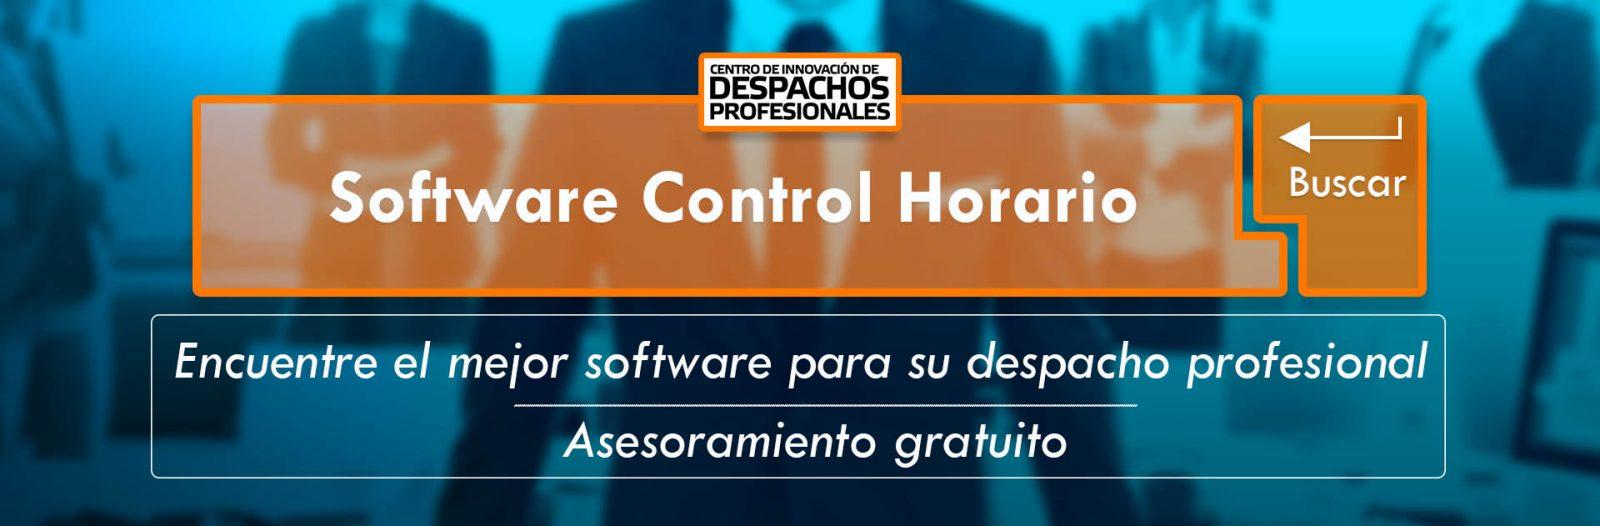 Software Control Horario